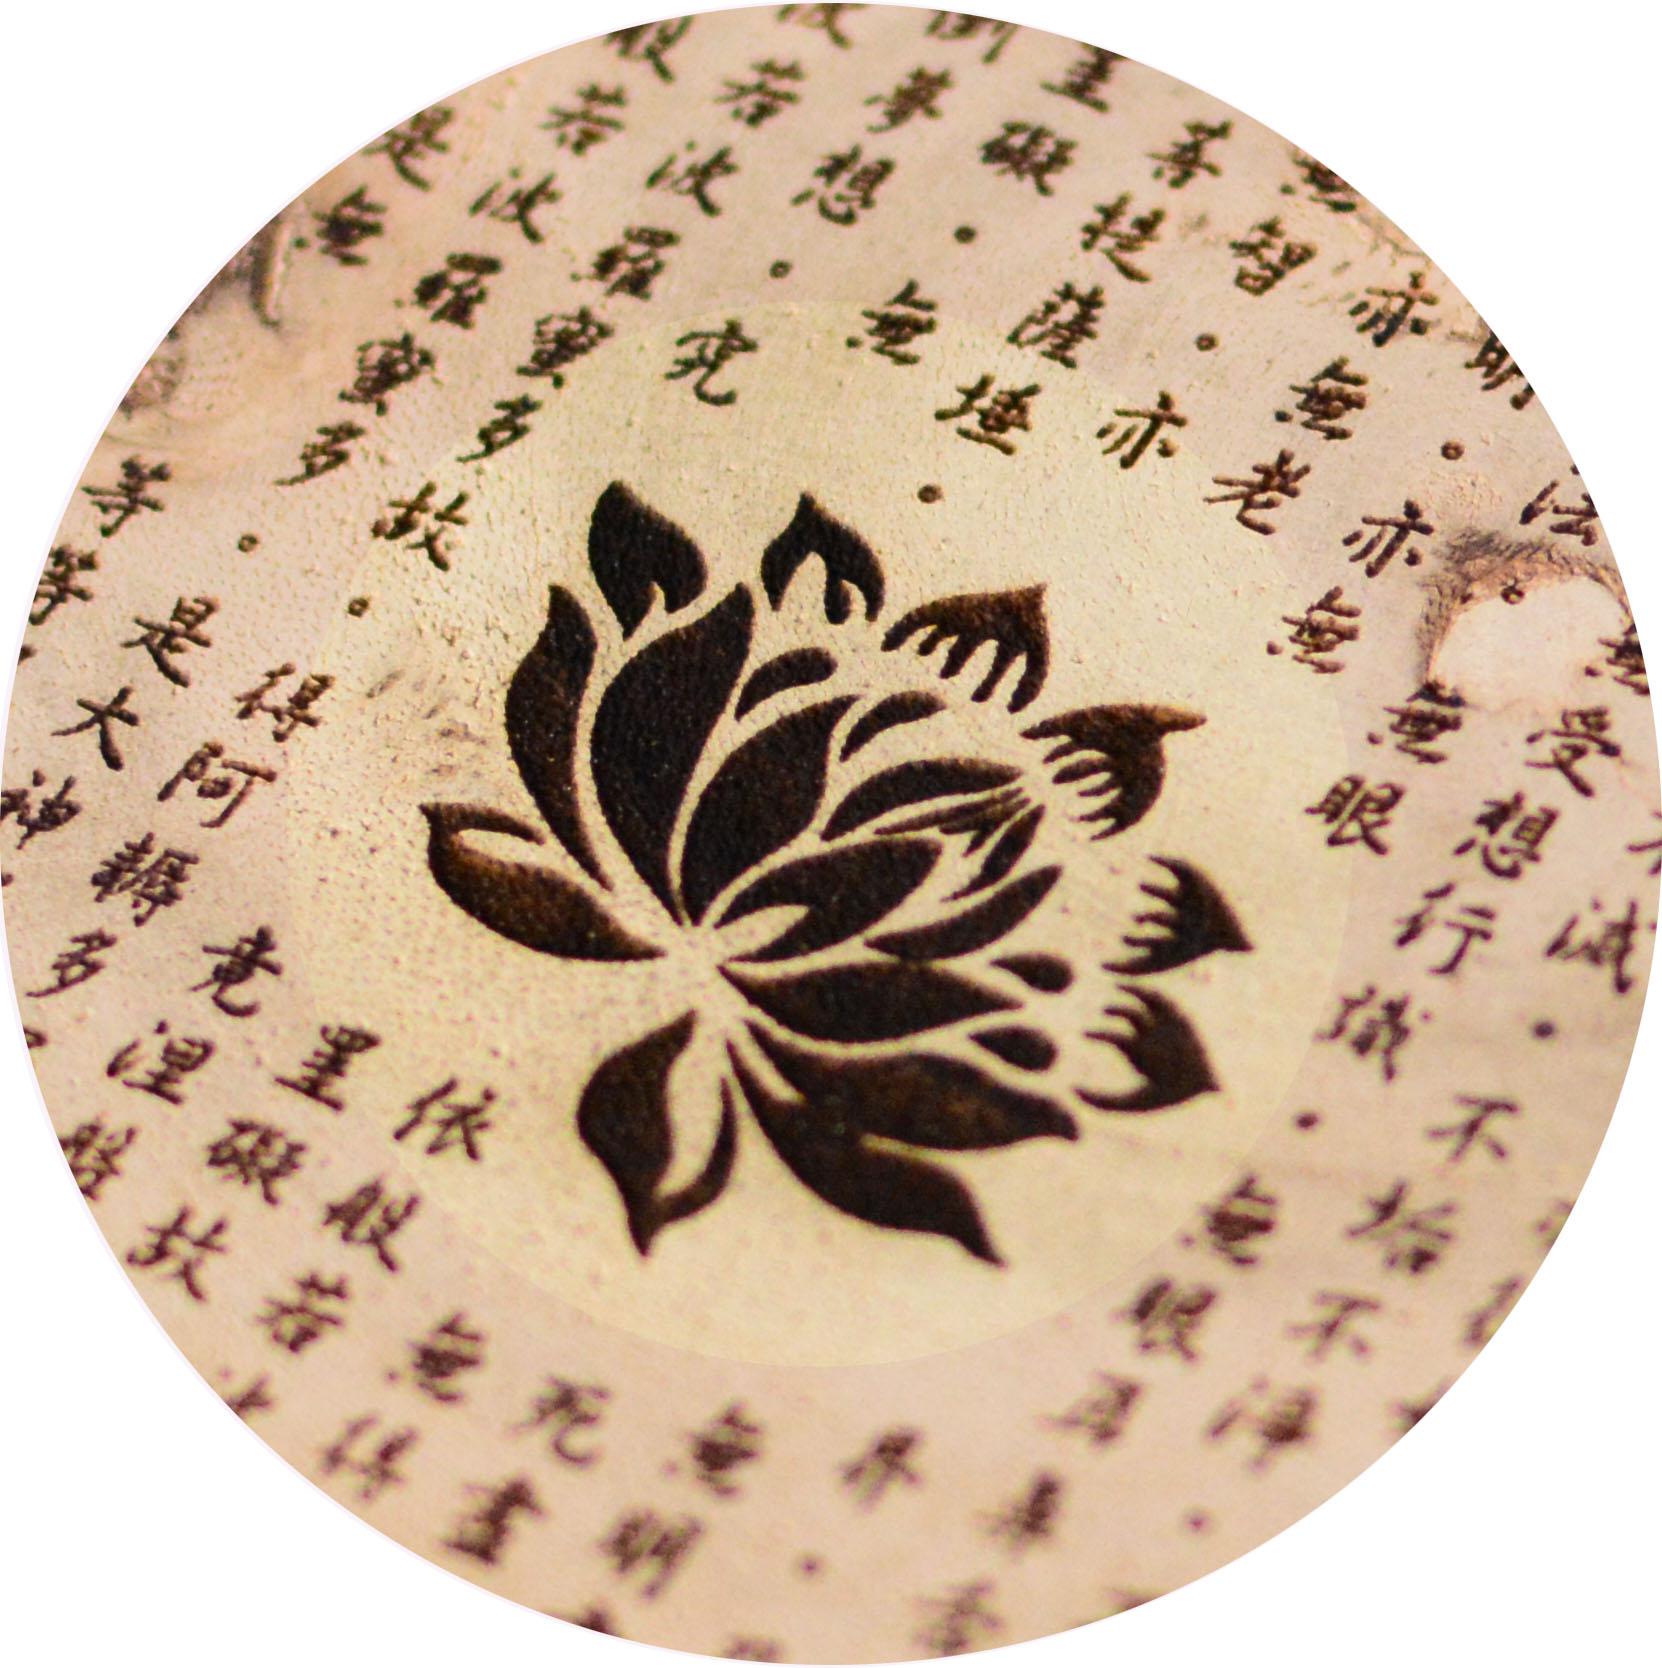 客製化雷射雕刻 藝術收藏 宗教禮品